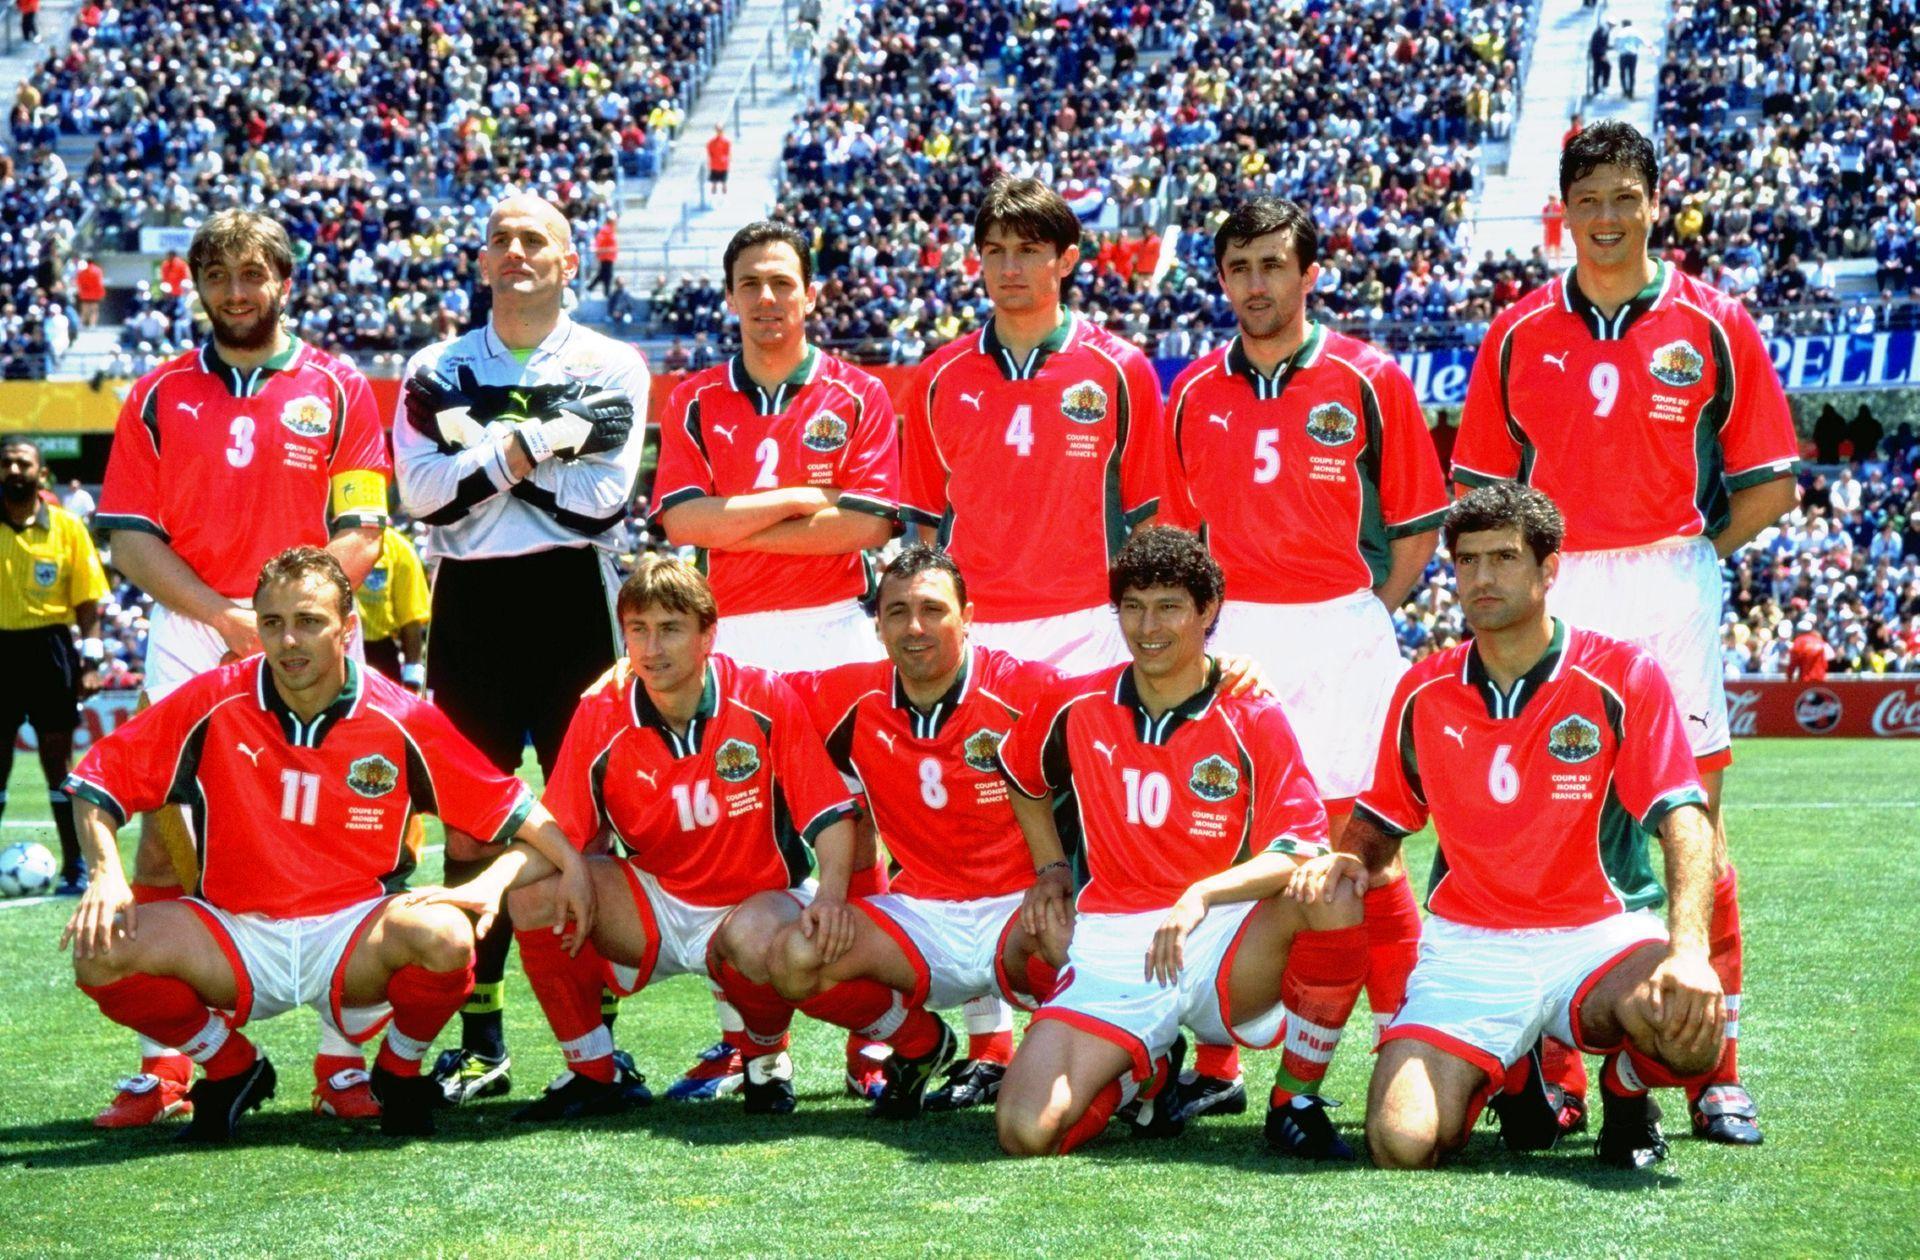 Съставът ни през 1998 г. преди първия мач срещу Парагвай.